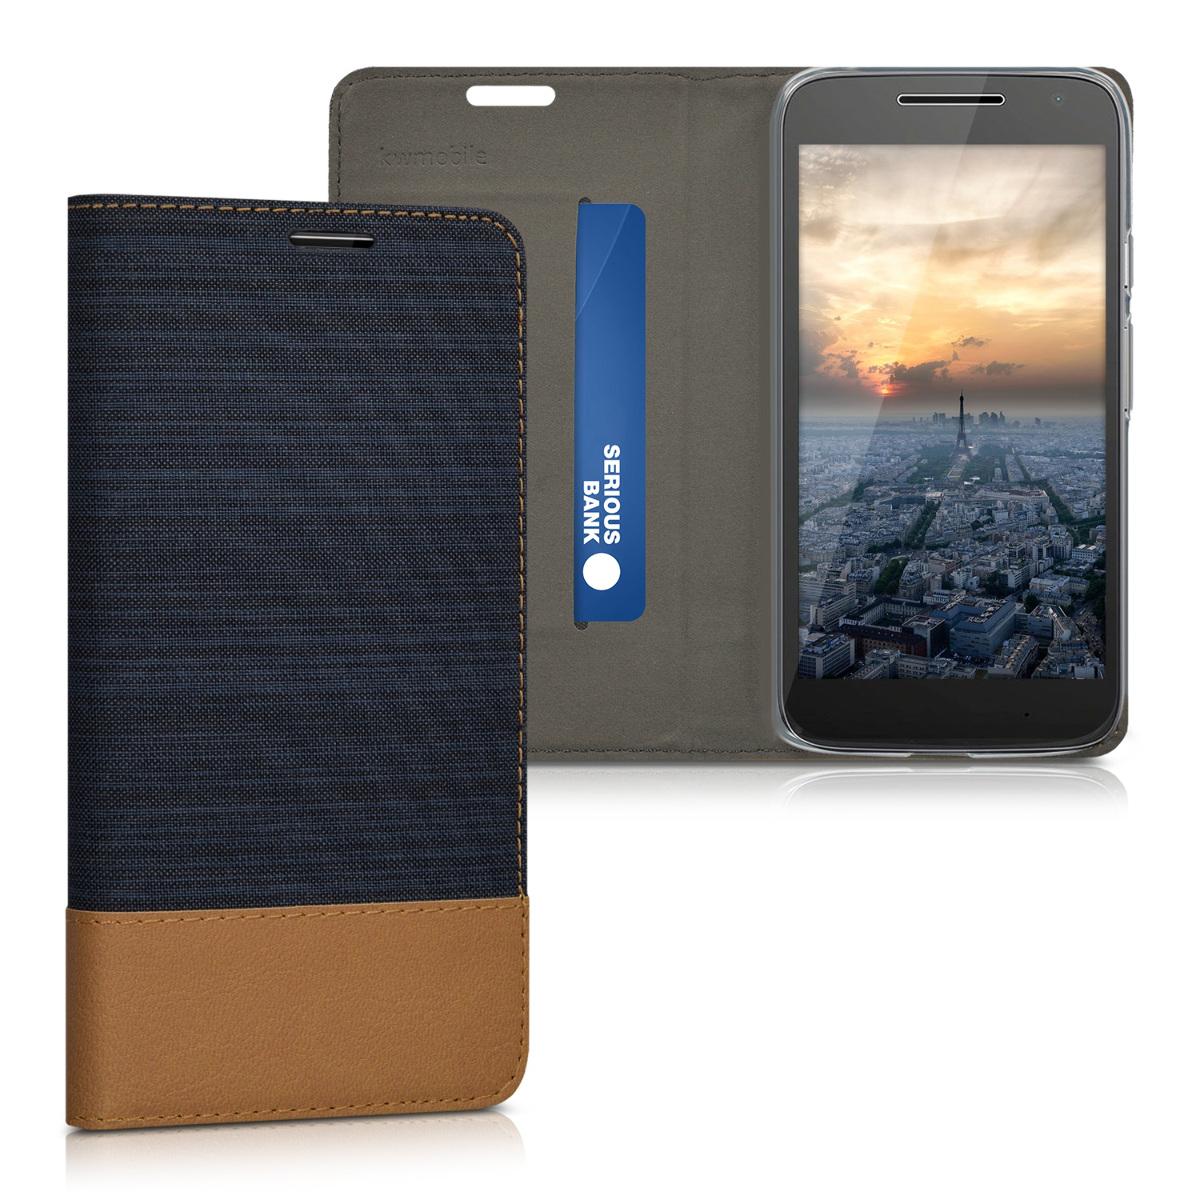 Textilní látkové pouzdro   obal pro Motorola Moto G4 Play - Tmavě modrá / hnědá